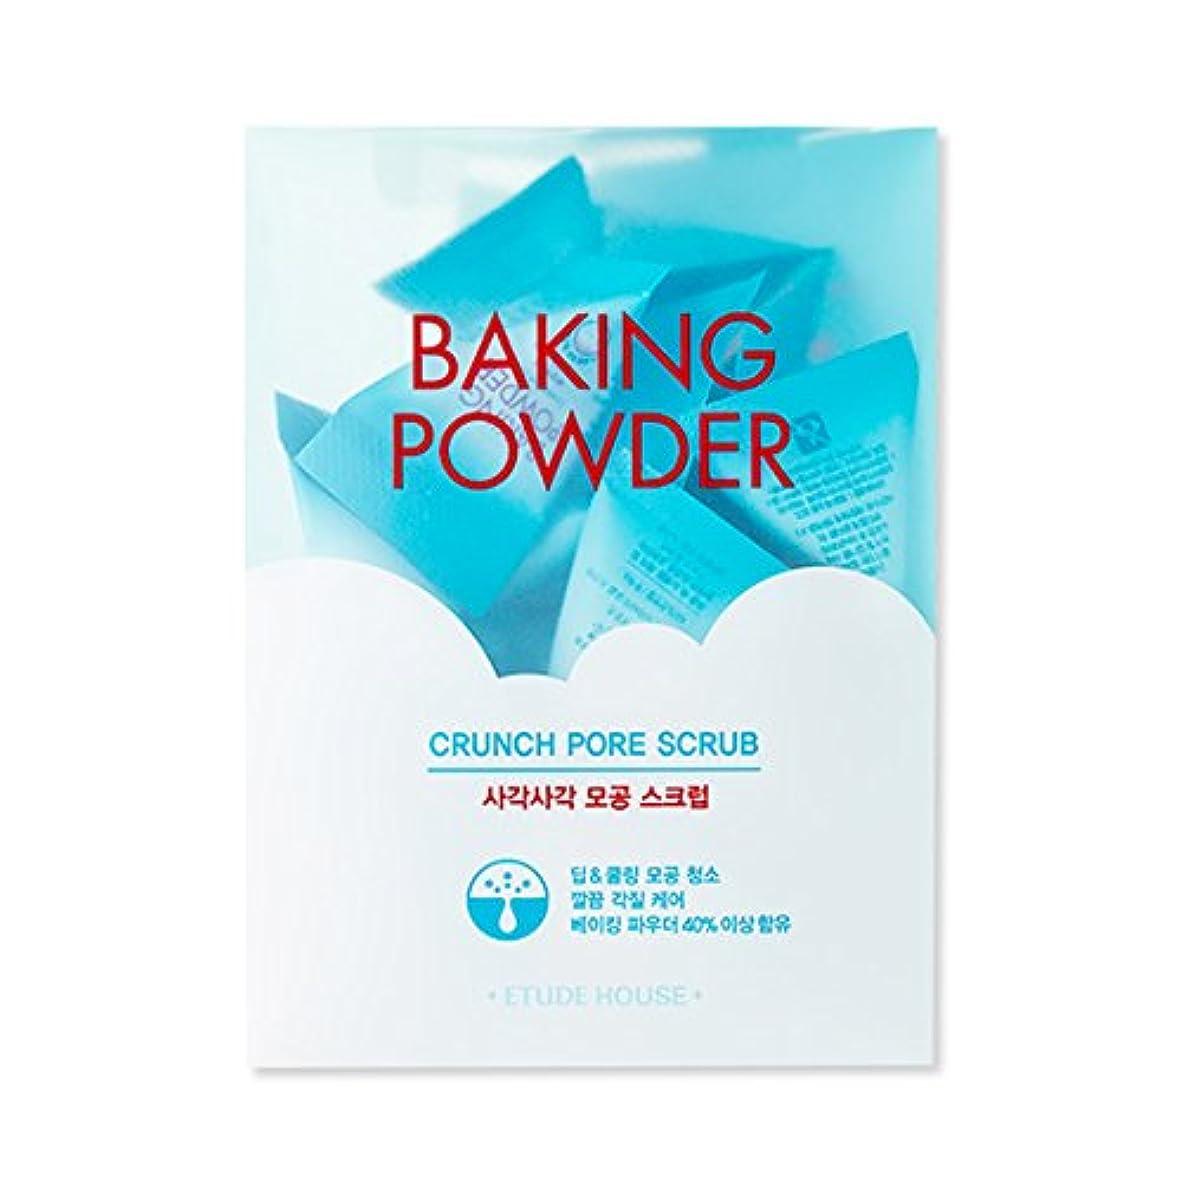 遅滞経歴レンド[2016 Upgrade!] ETUDE HOUSE Baking Powder Crunch Pore Scrub 7g×24ea/エチュードハウス ベーキング パウダー クランチ ポア スクラブ 7g×24ea [...